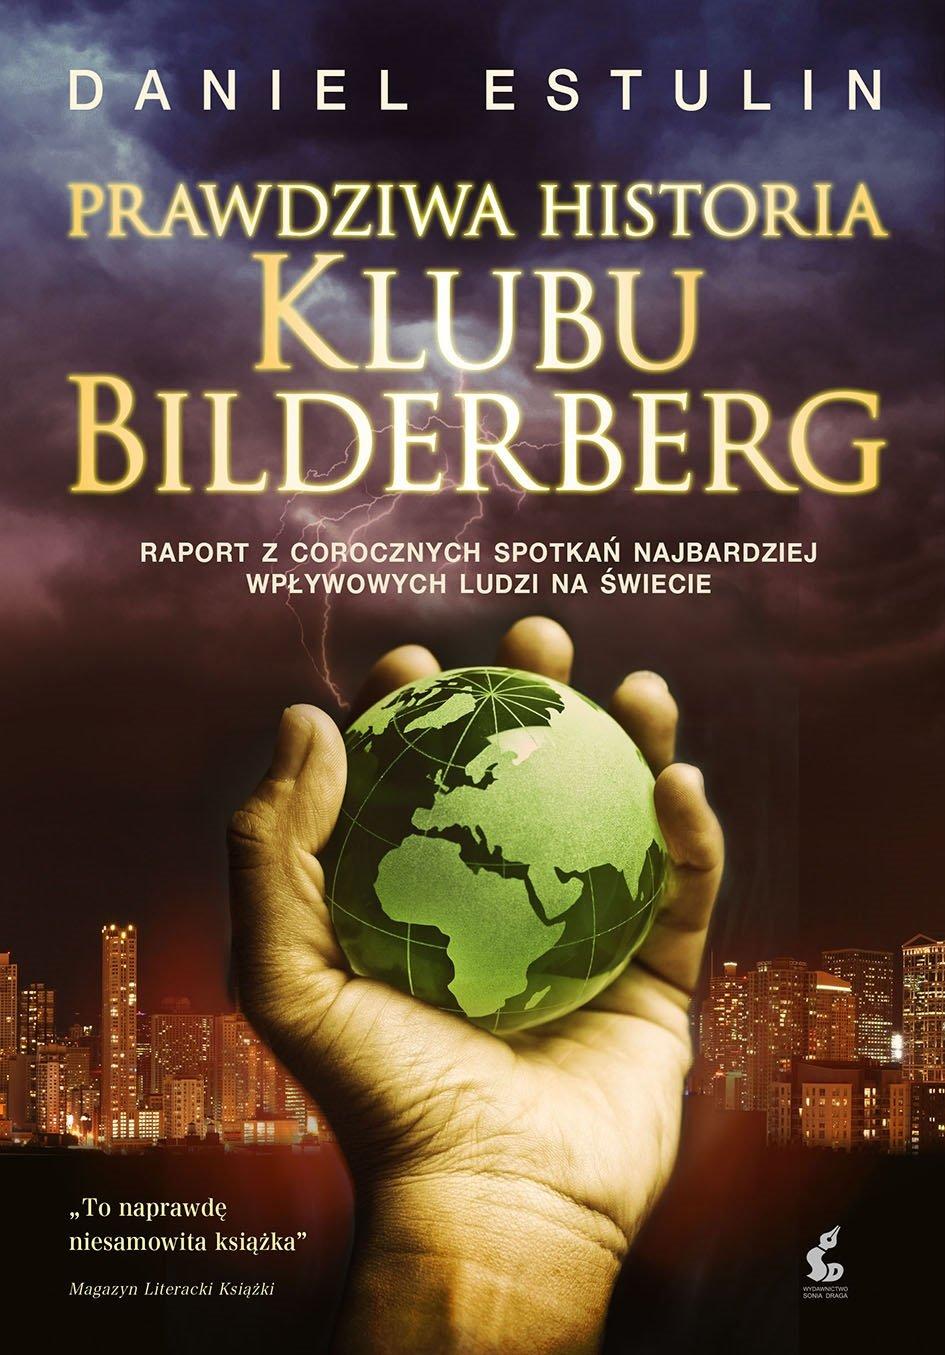 Prawdziwa historia Klubu Bilderberga - Ebook (Książka na Kindle) do pobrania w formacie MOBI